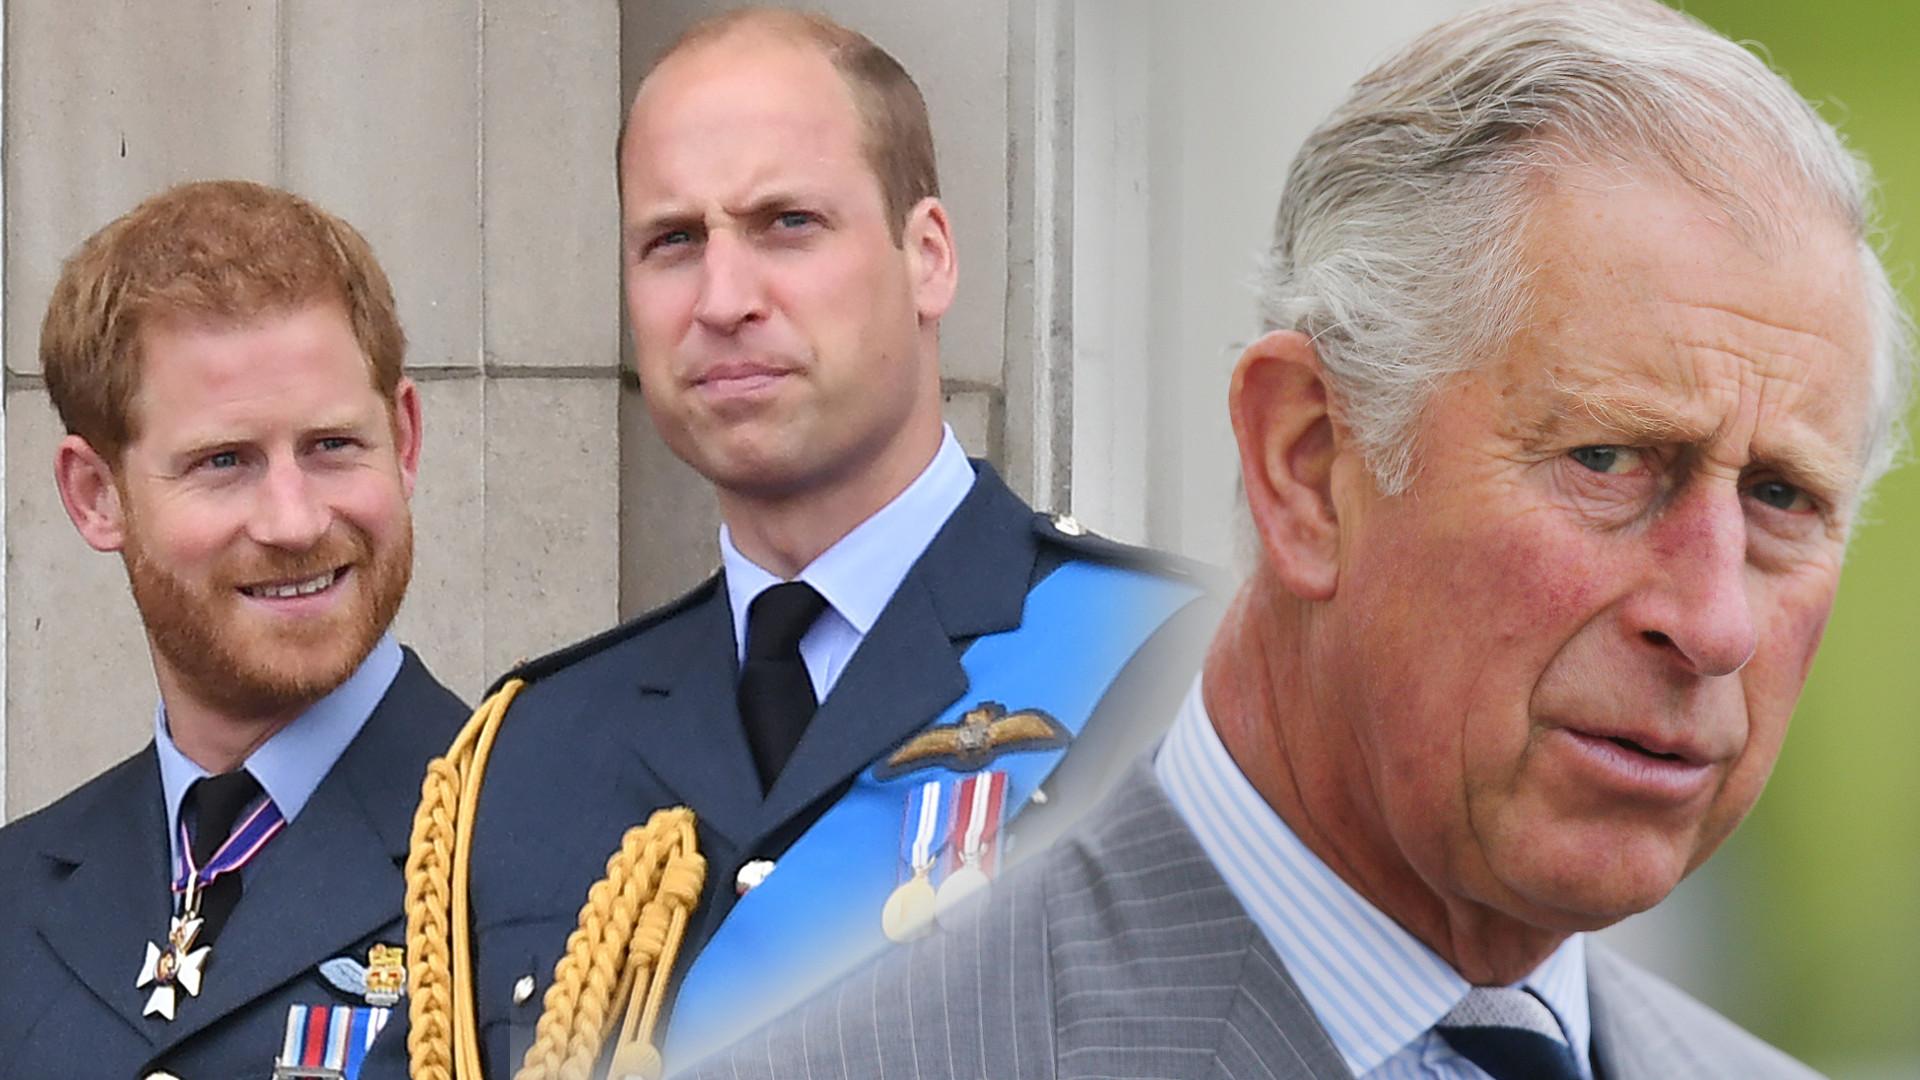 Książę Harry POKŁÓCIŁ się z ojcem i bratem przed wylotem? Szokujące doniesienia